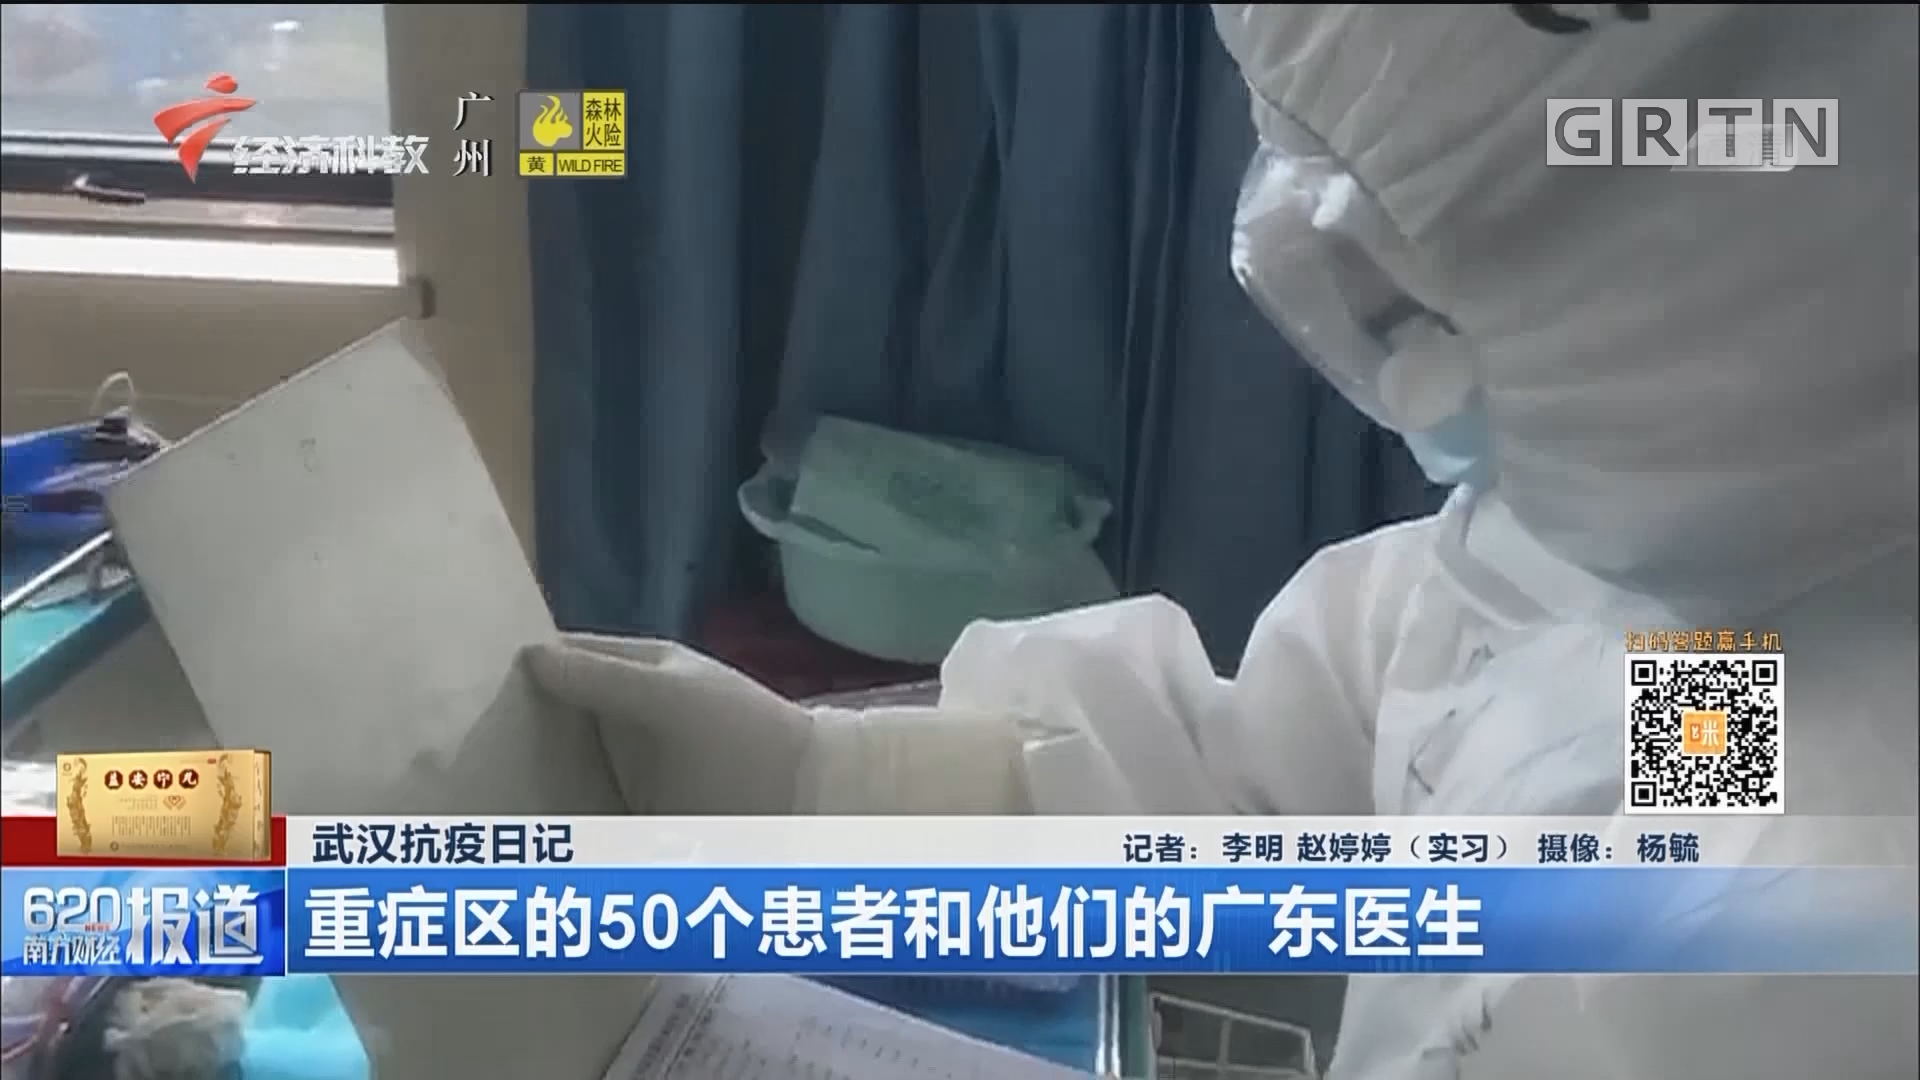 武漢抗疫日記:重癥區的50個患者和他們的廣東醫生